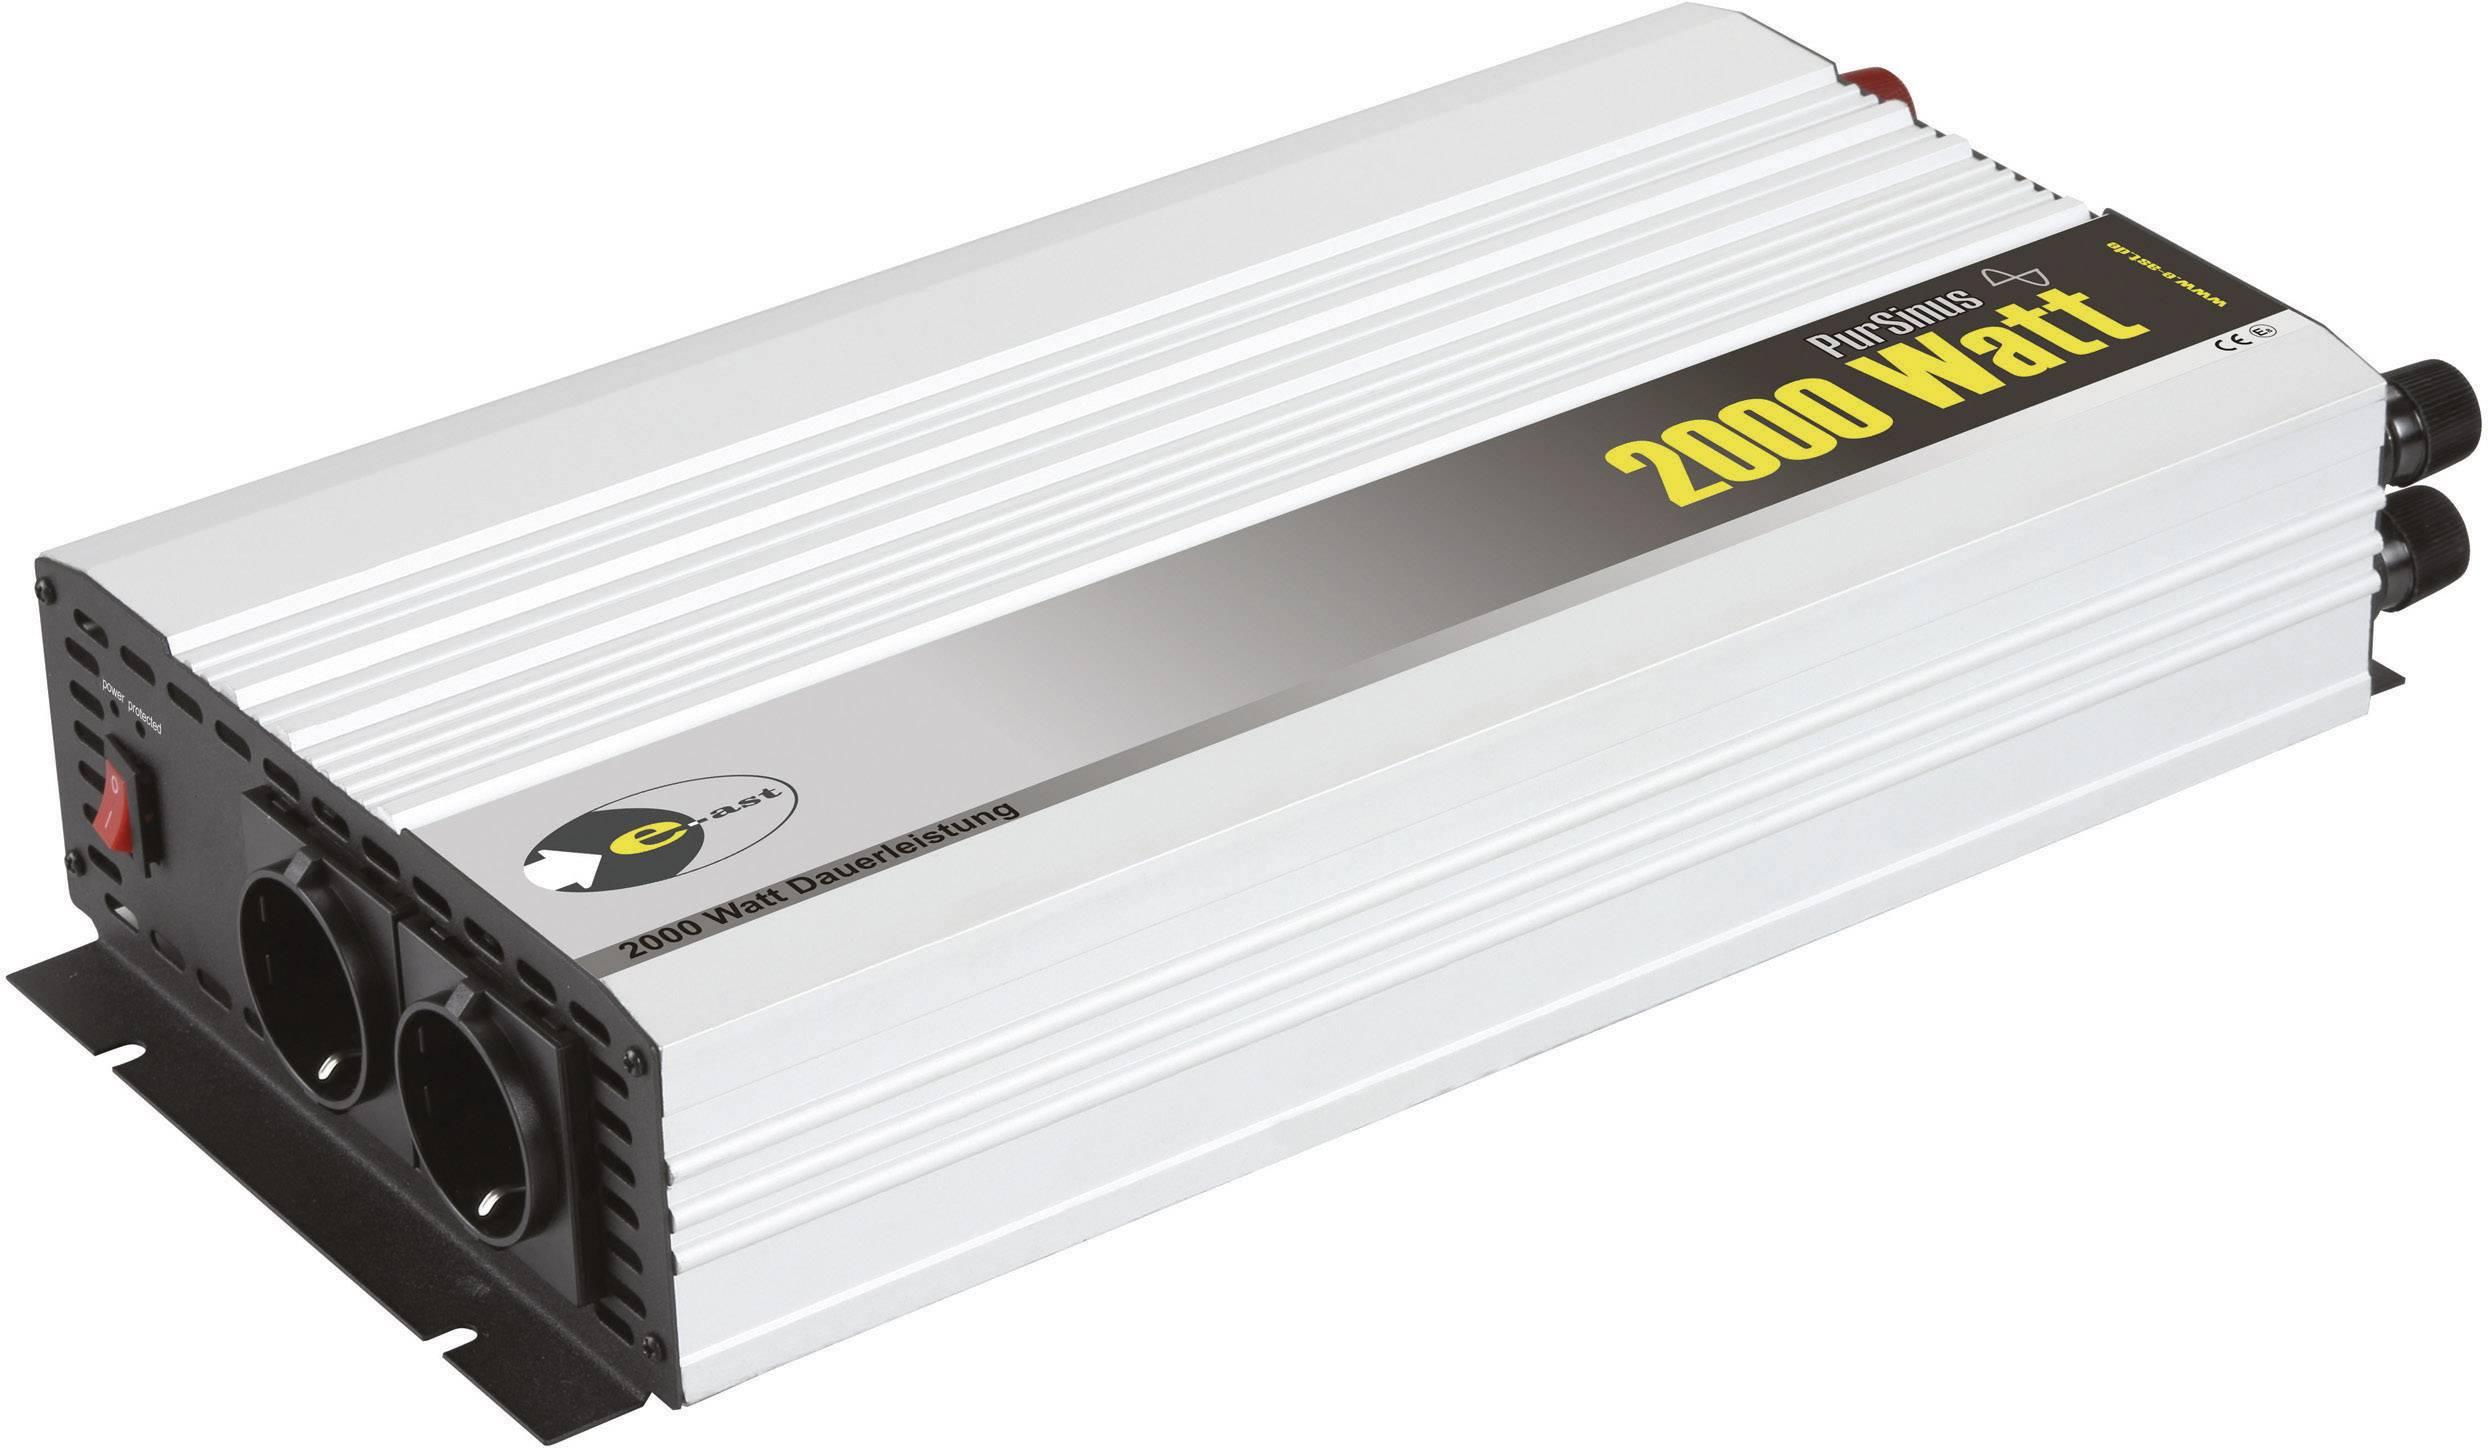 Wechselrichter Auf Online Bestellen 6 To 12 Volt Power Supply Inverter E Ast Hpl 2000 W V Dc 230